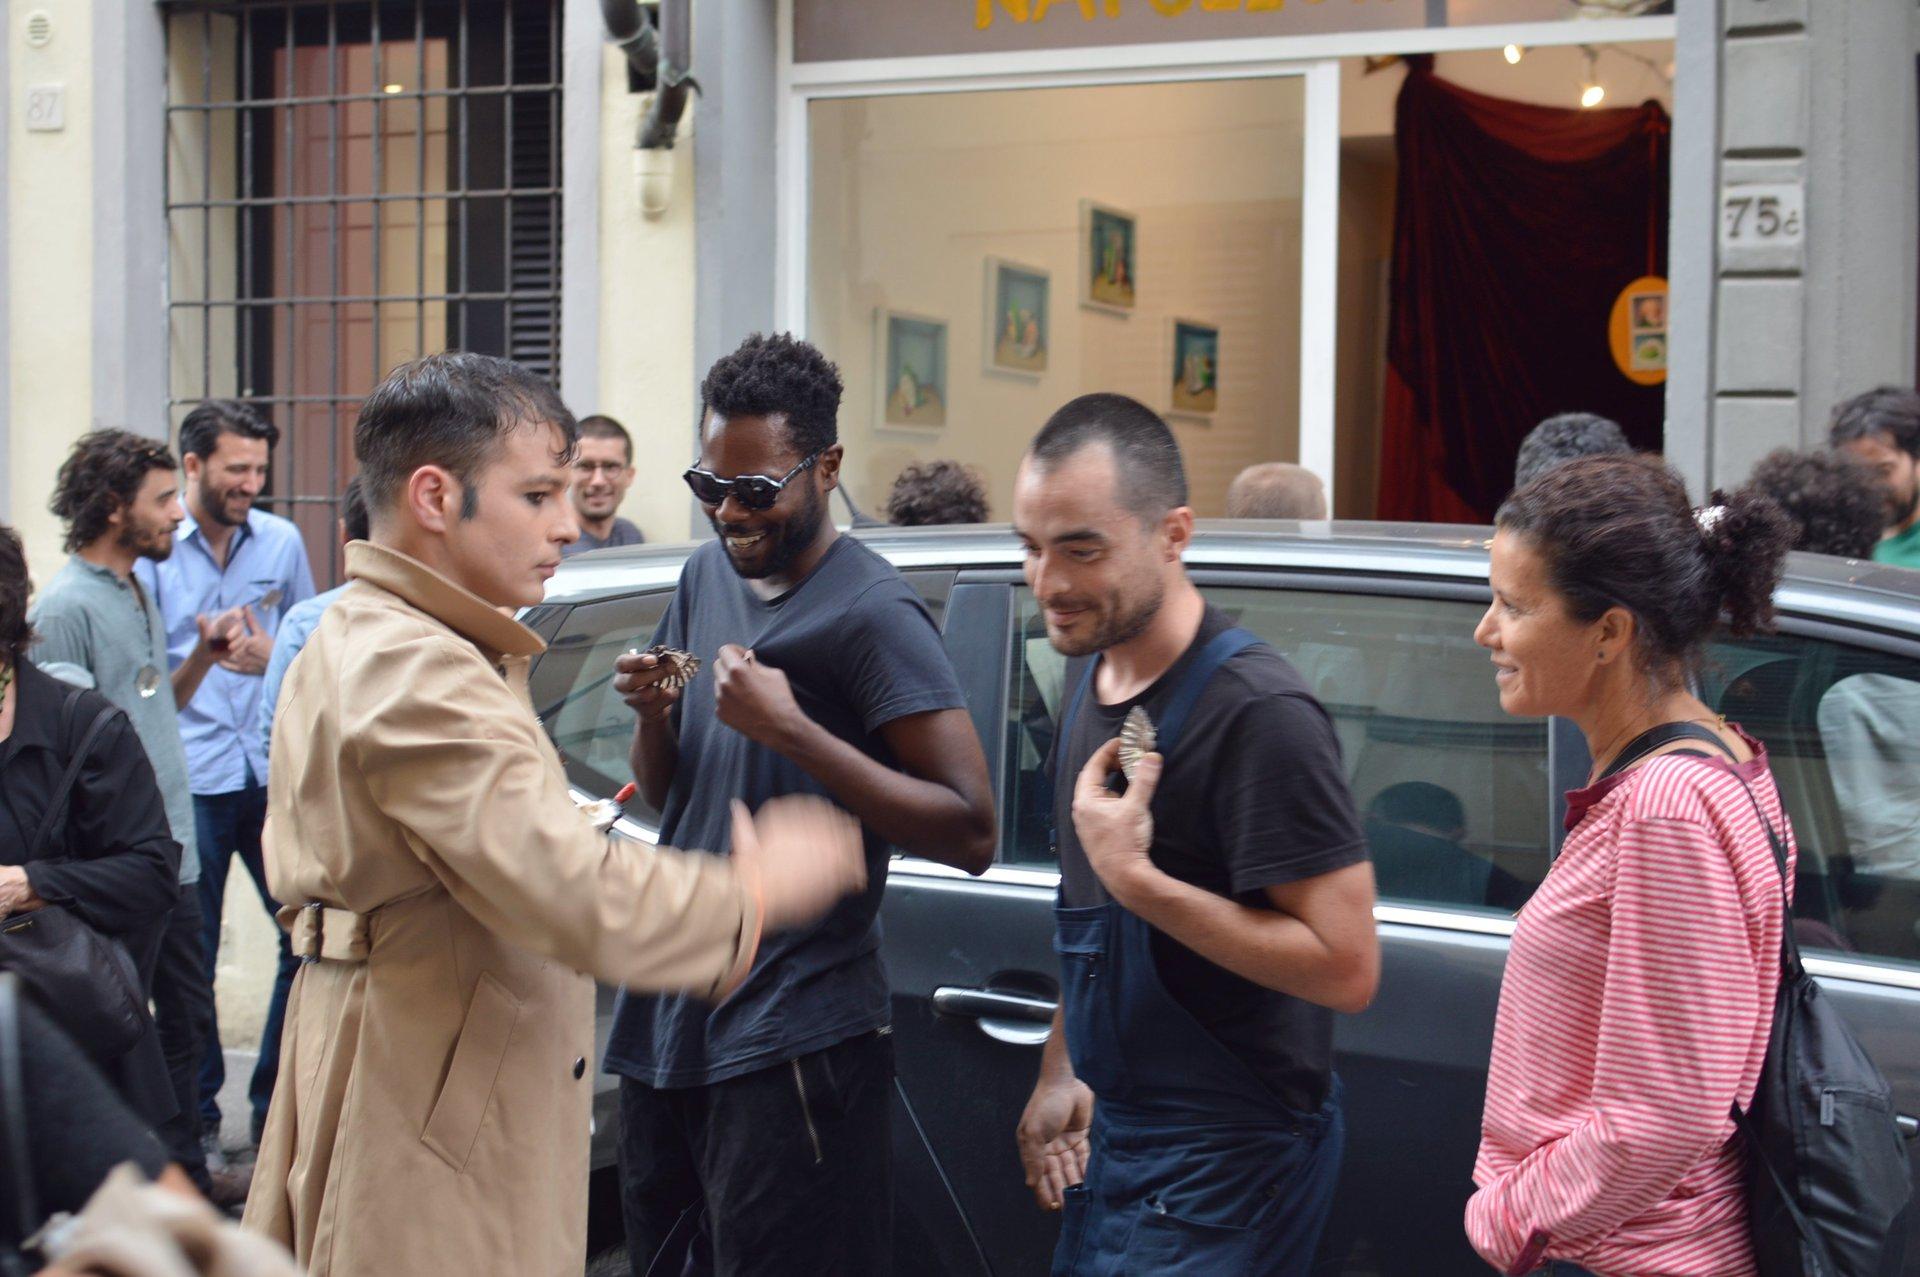 IlGattaRossa - 06 Jun 2016 - Mistica Napoleonica - DSC_0475